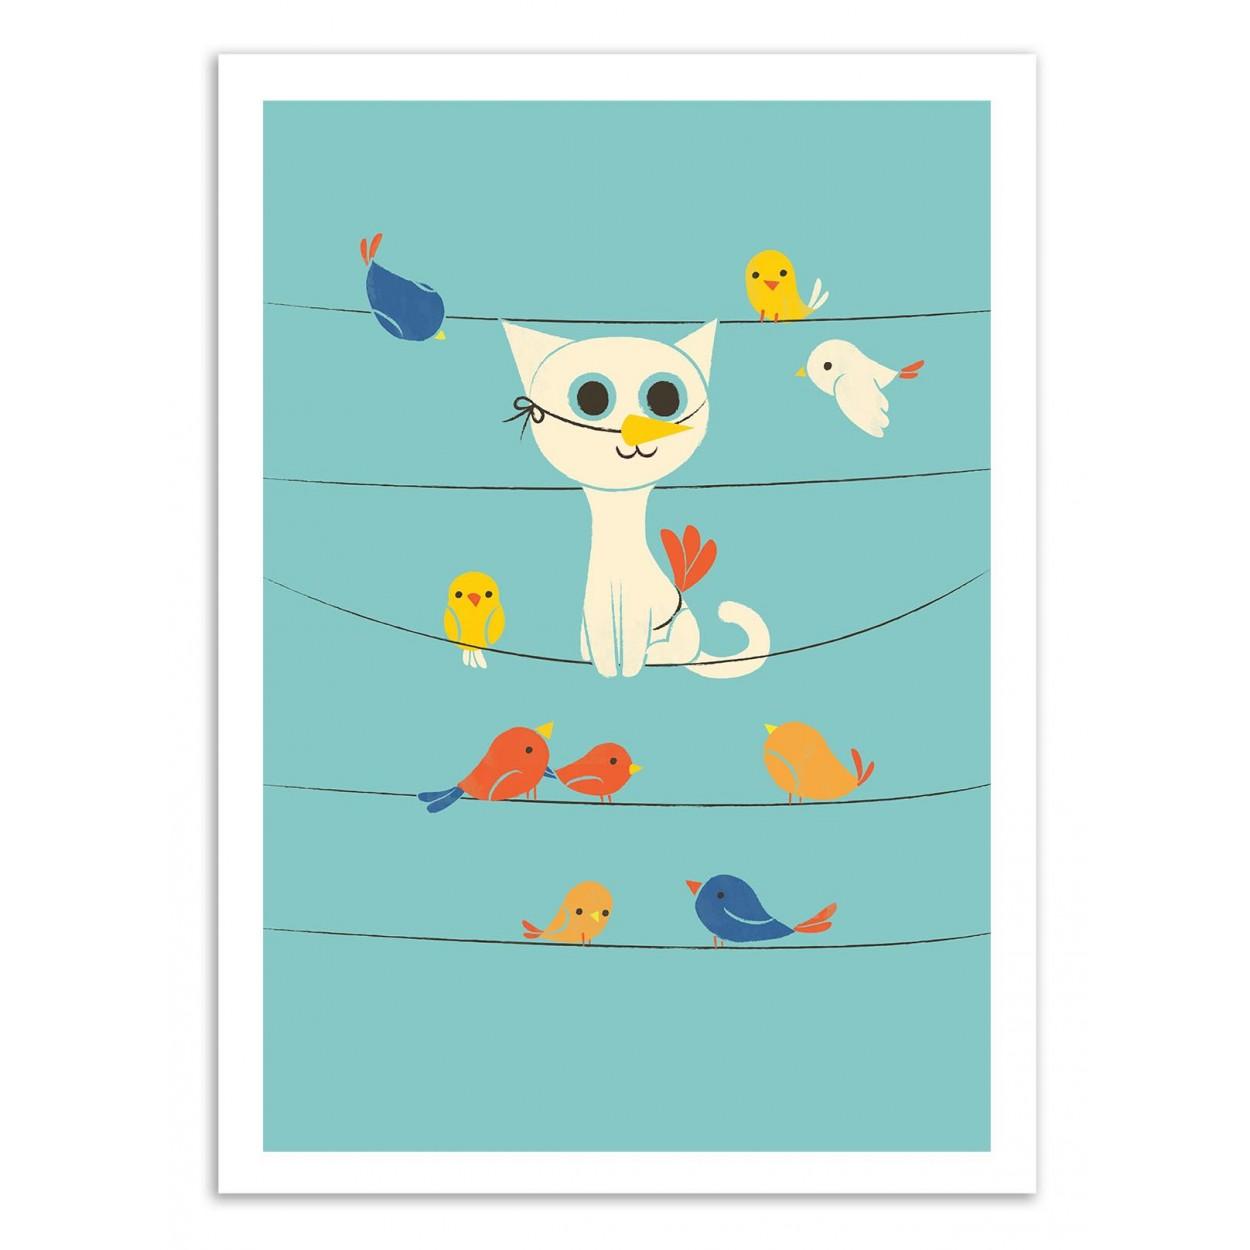 BIRD WATCHING -  Affiche d'art 50 x 70 cm